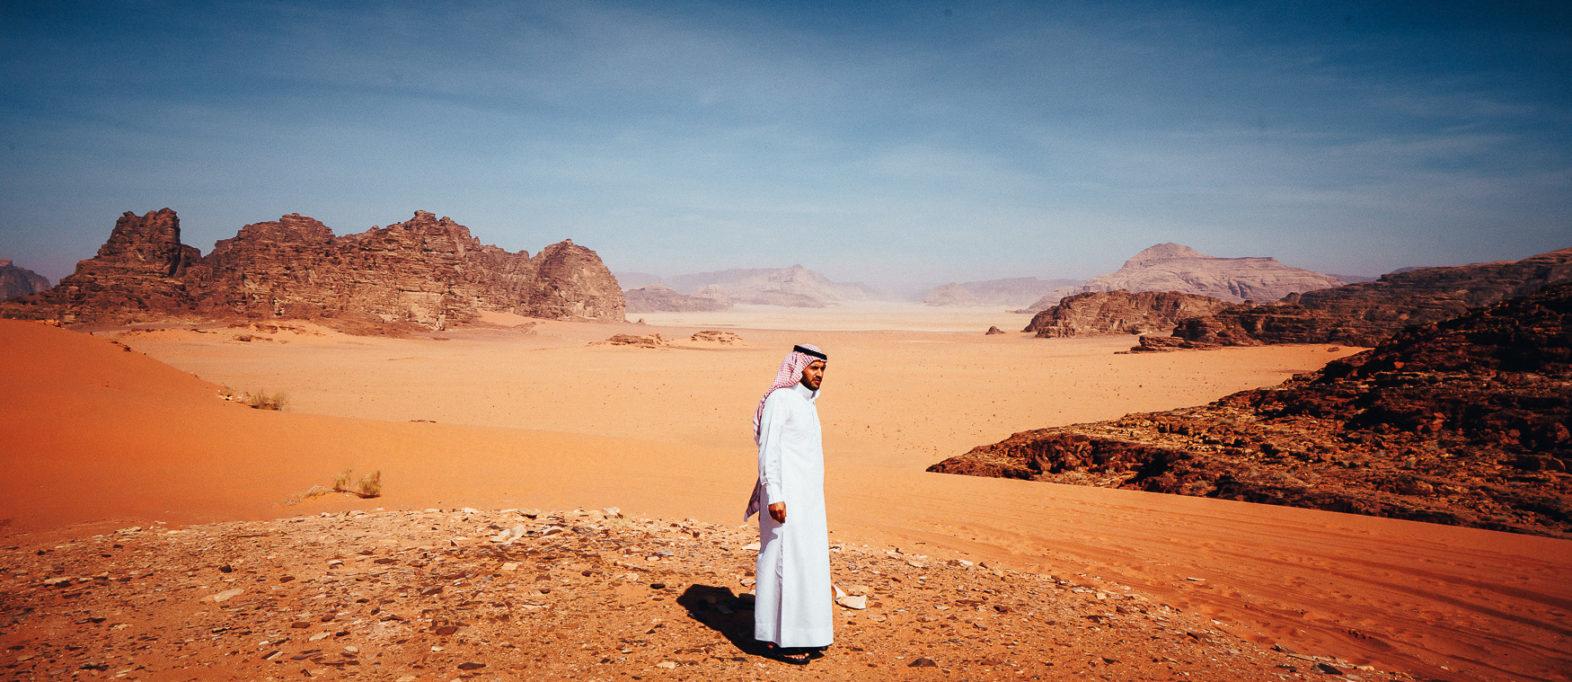 Jordanien Reise: Die besten Tipps für deinen Urlaub